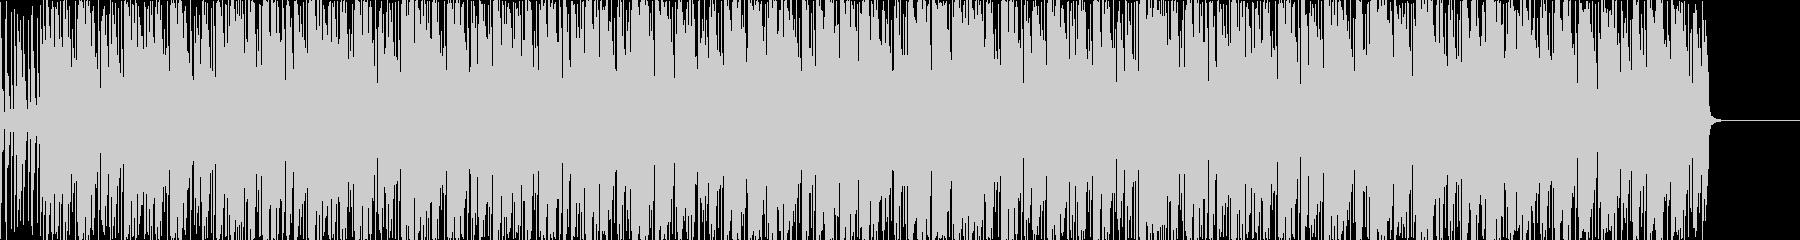 リズミカルなラテン系ポップストランペットの未再生の波形